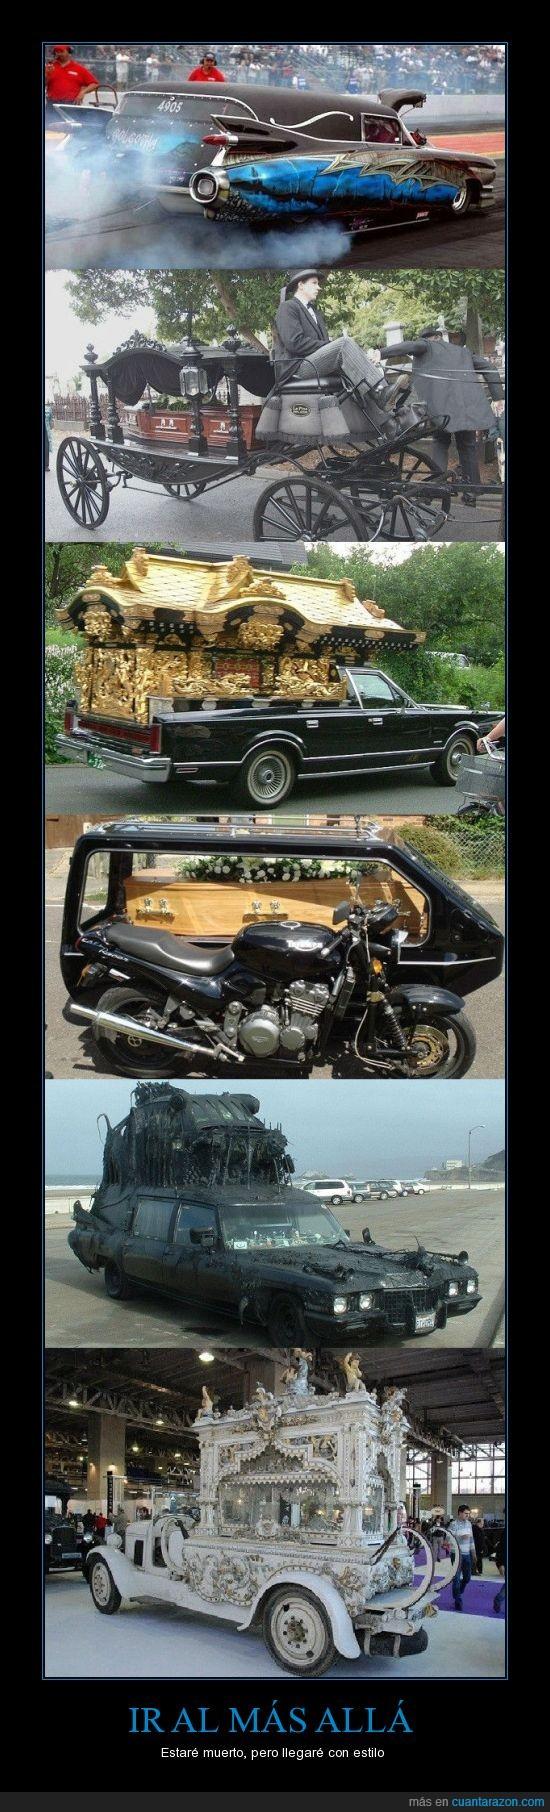 coches,funebres,¡¡la moto mola!!